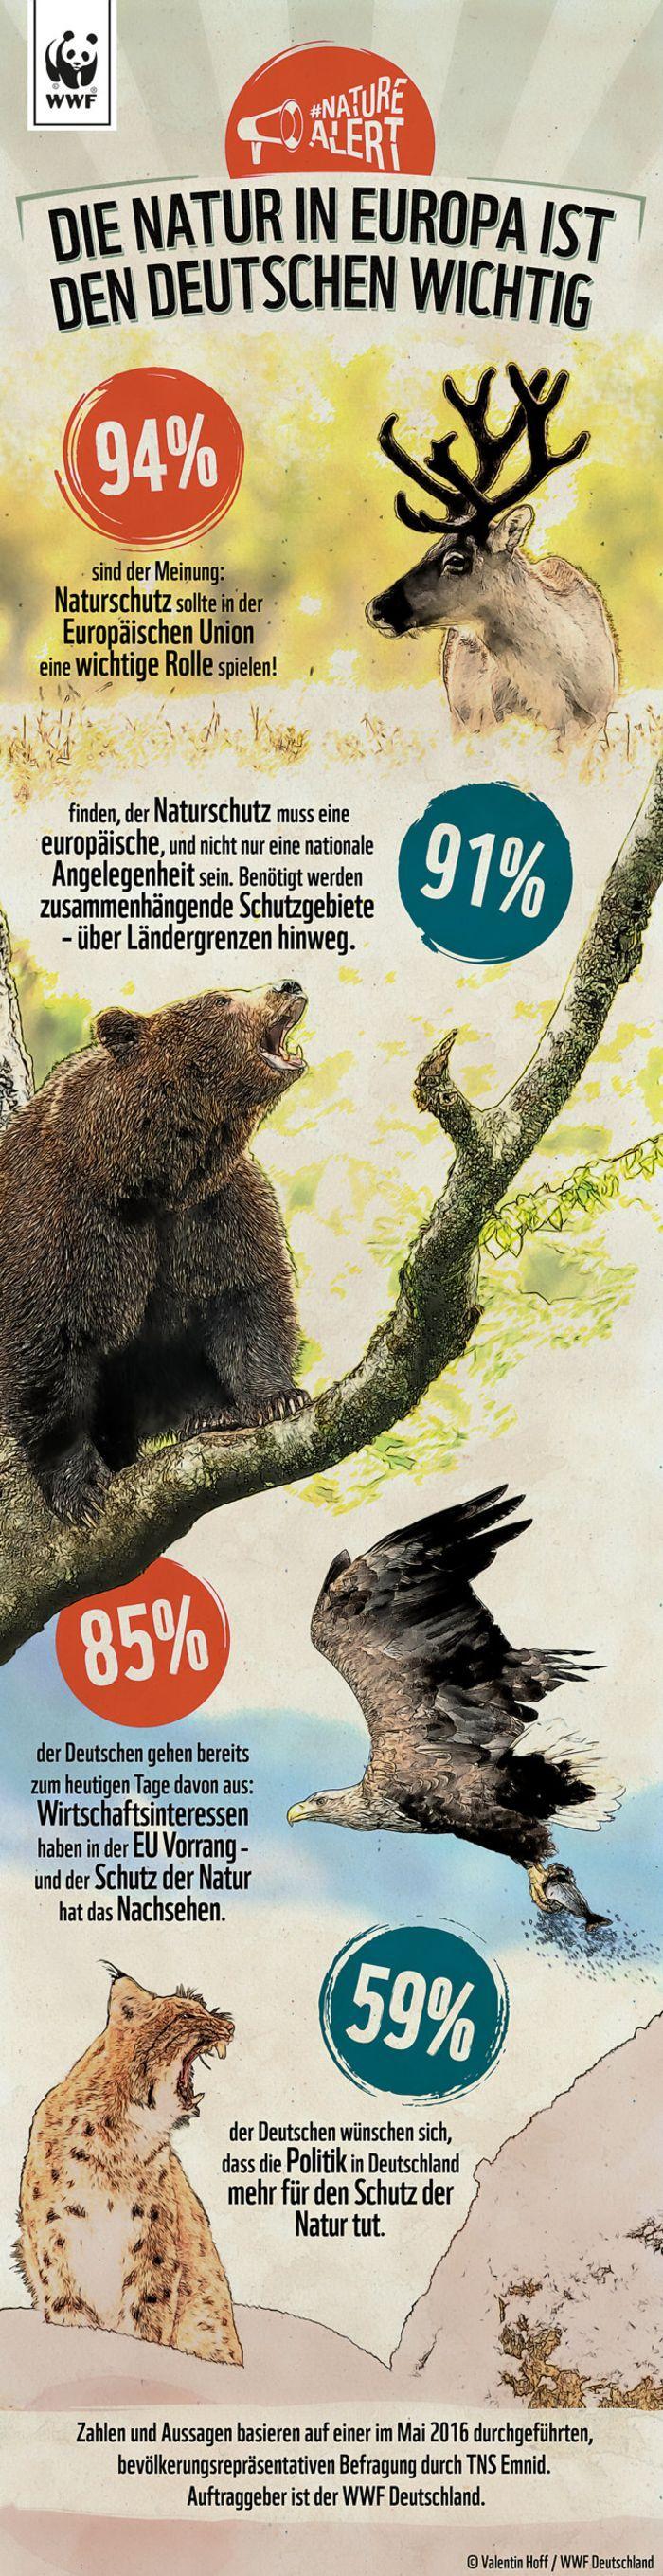 #NatureAlert: So wichtig ist den Deutschen die Natur Natur ist den Deutschen wichtig © Valentin Hoff / WWF atur ist den Deutschen wichtig © Valentin Hoff / WWF Zu Beginn der Kampagne #NatureAlert haben wir das Marktforschungsinstitut TNS Emnid beauftragt, eine bevölkerungsrepräsentative Umfrage durchzuführen. Wir wollten wissen: Welche Rolle spielt Natur für die Menschen in Deutschland_http://www.wwf.de/naturealert/europas-natur-in-gefahr/europas-natur-ist-den-deutschen-wichtig/?area=Bild